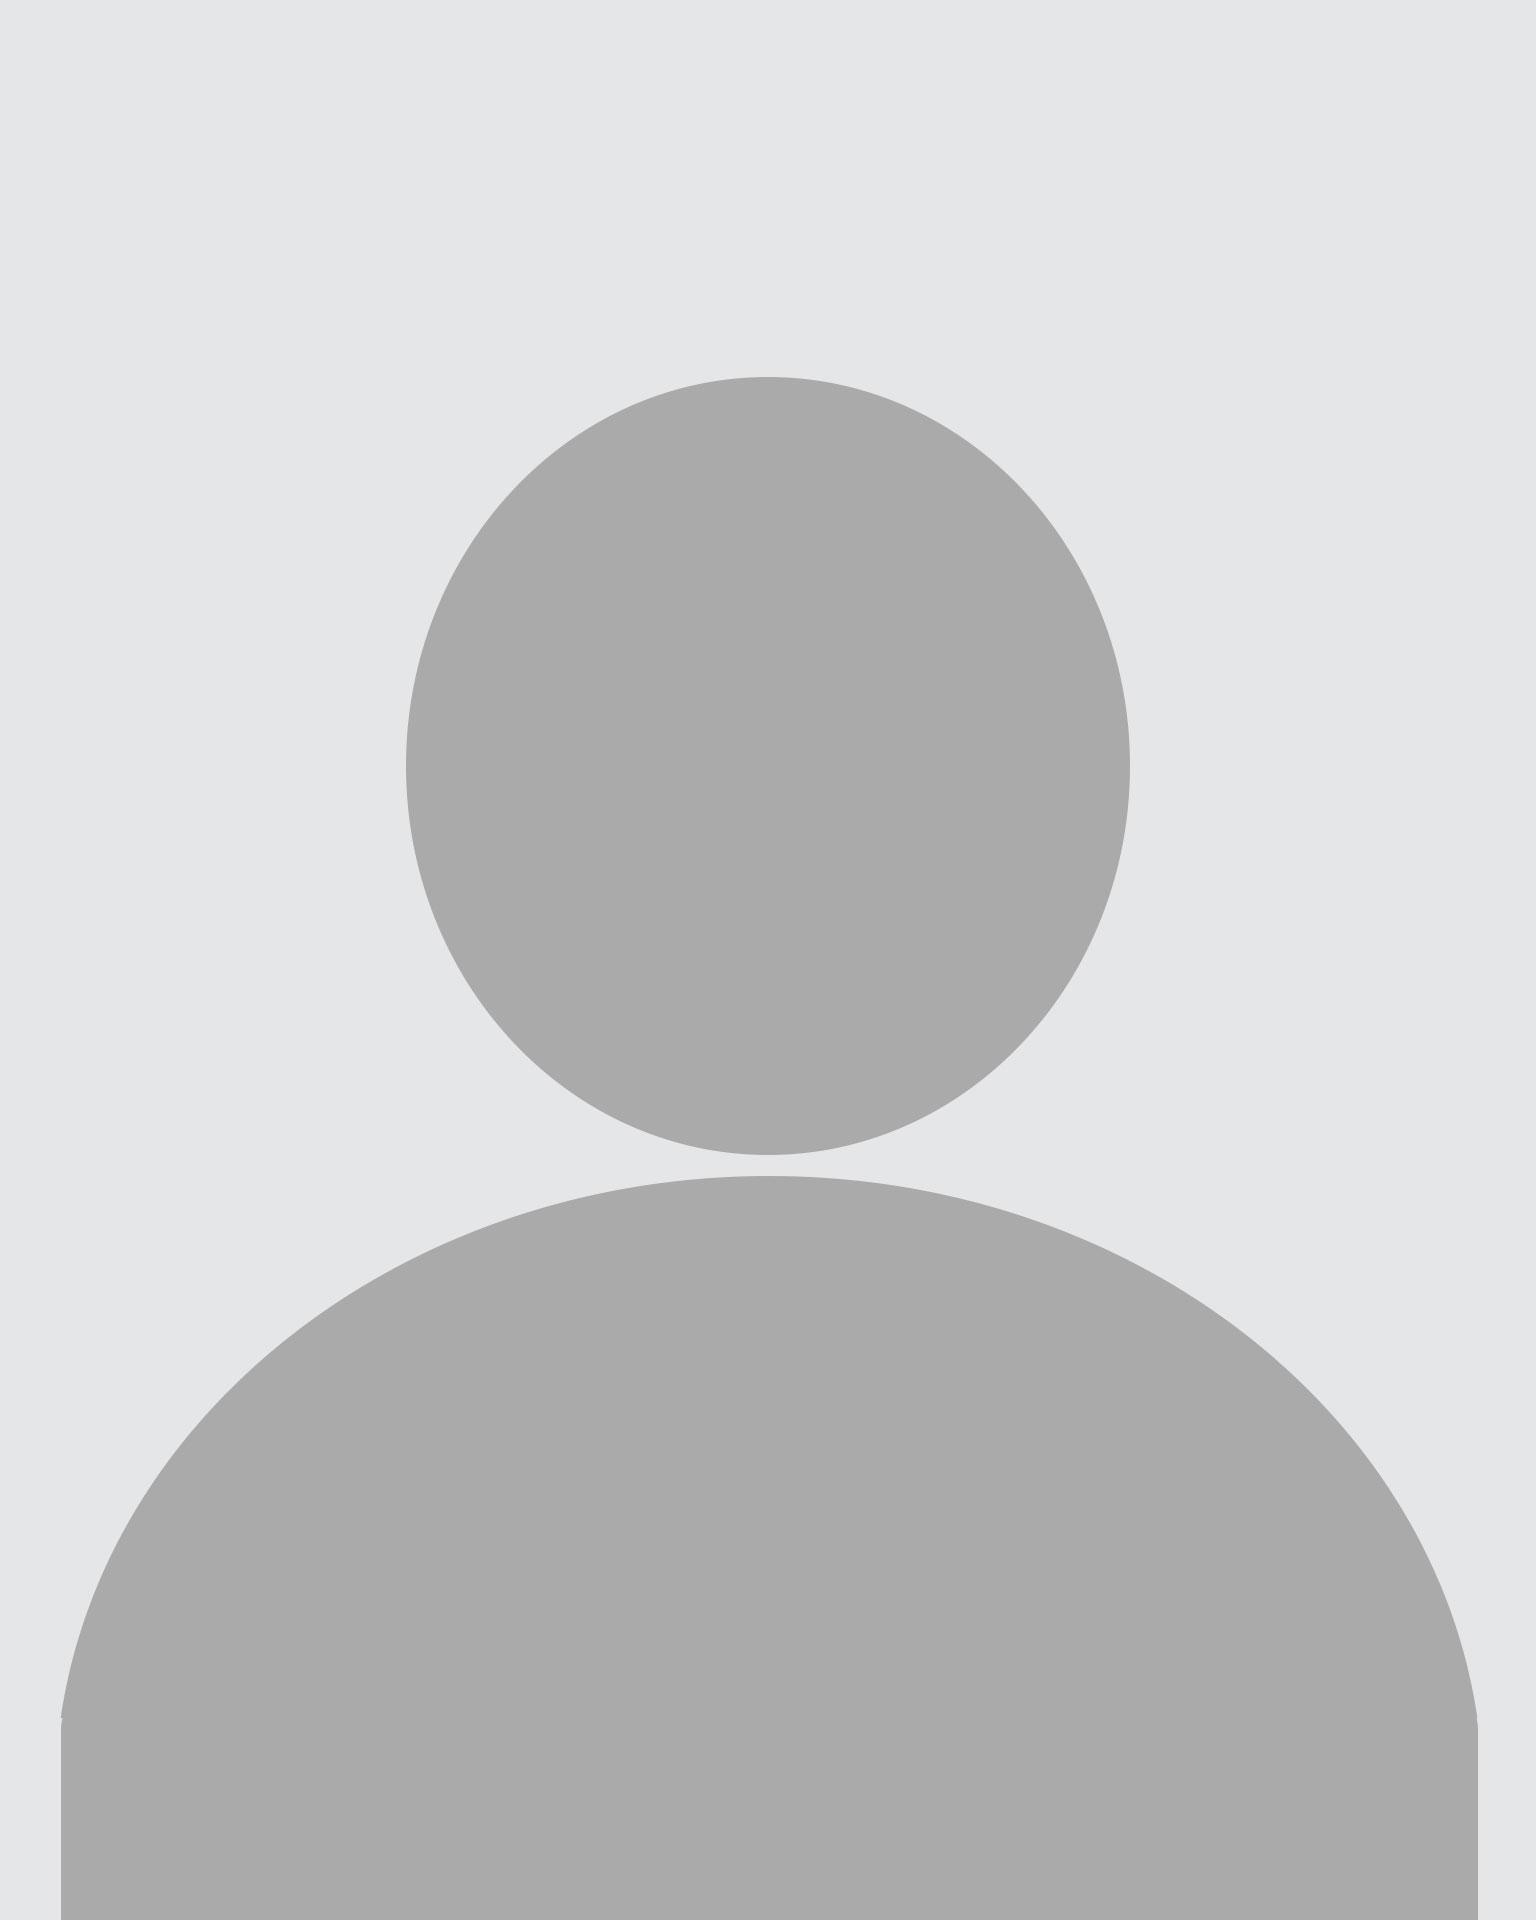 Headshot placeholder image